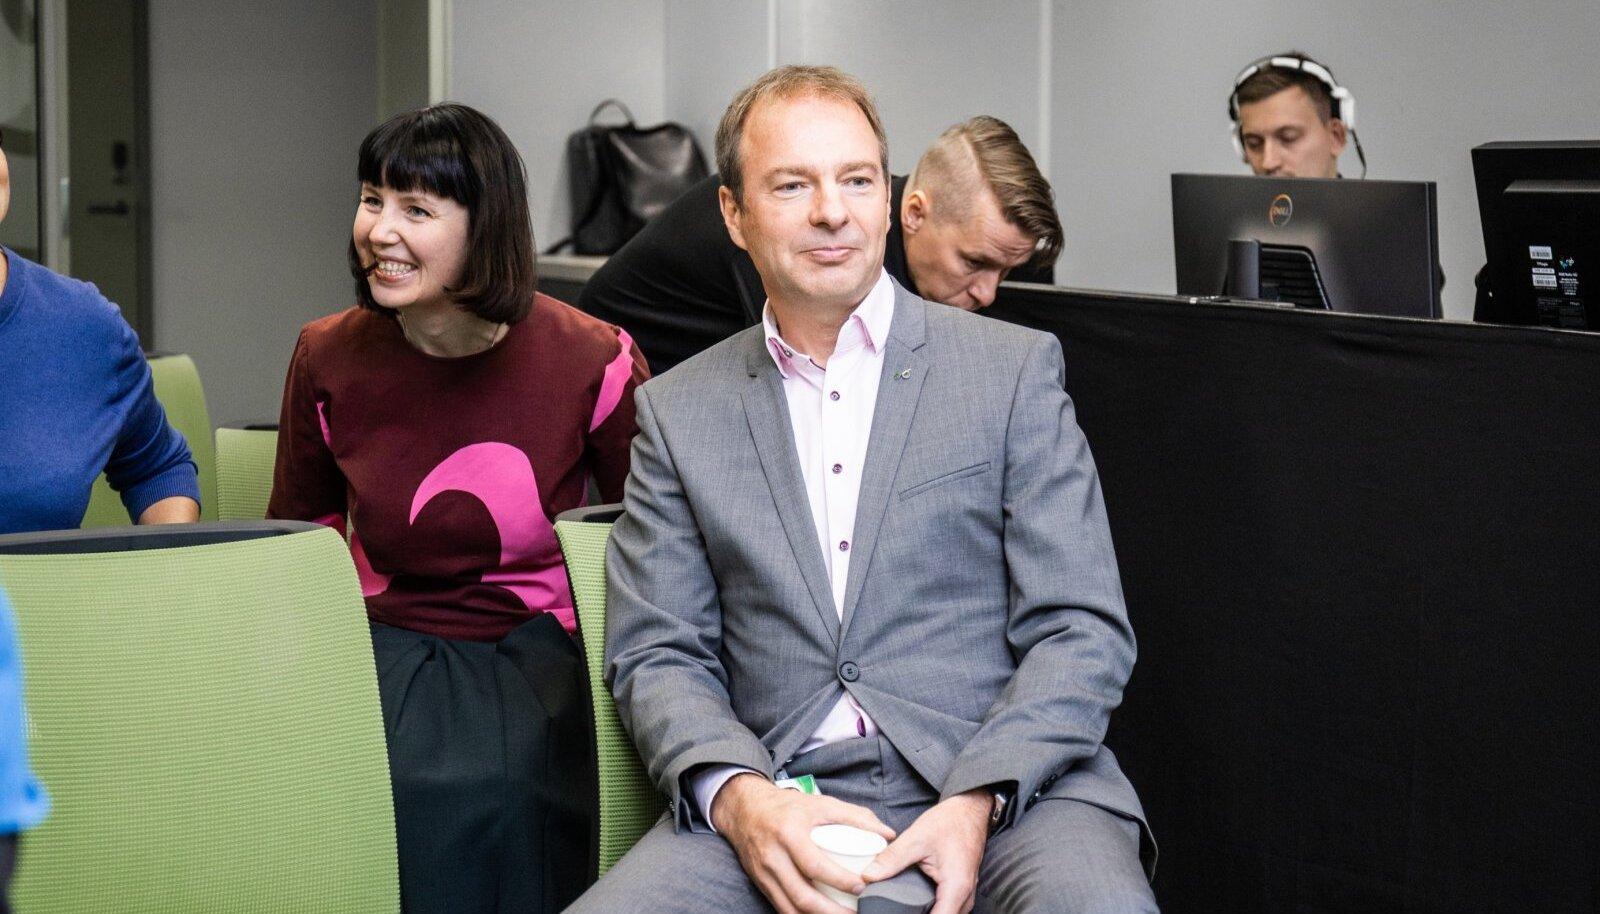 Enefit Greeni emafirma, Eesti Energia, juht Hando Sutter on märkinud 31500 euro eest 10000 Enefit Greeni aktsiat.